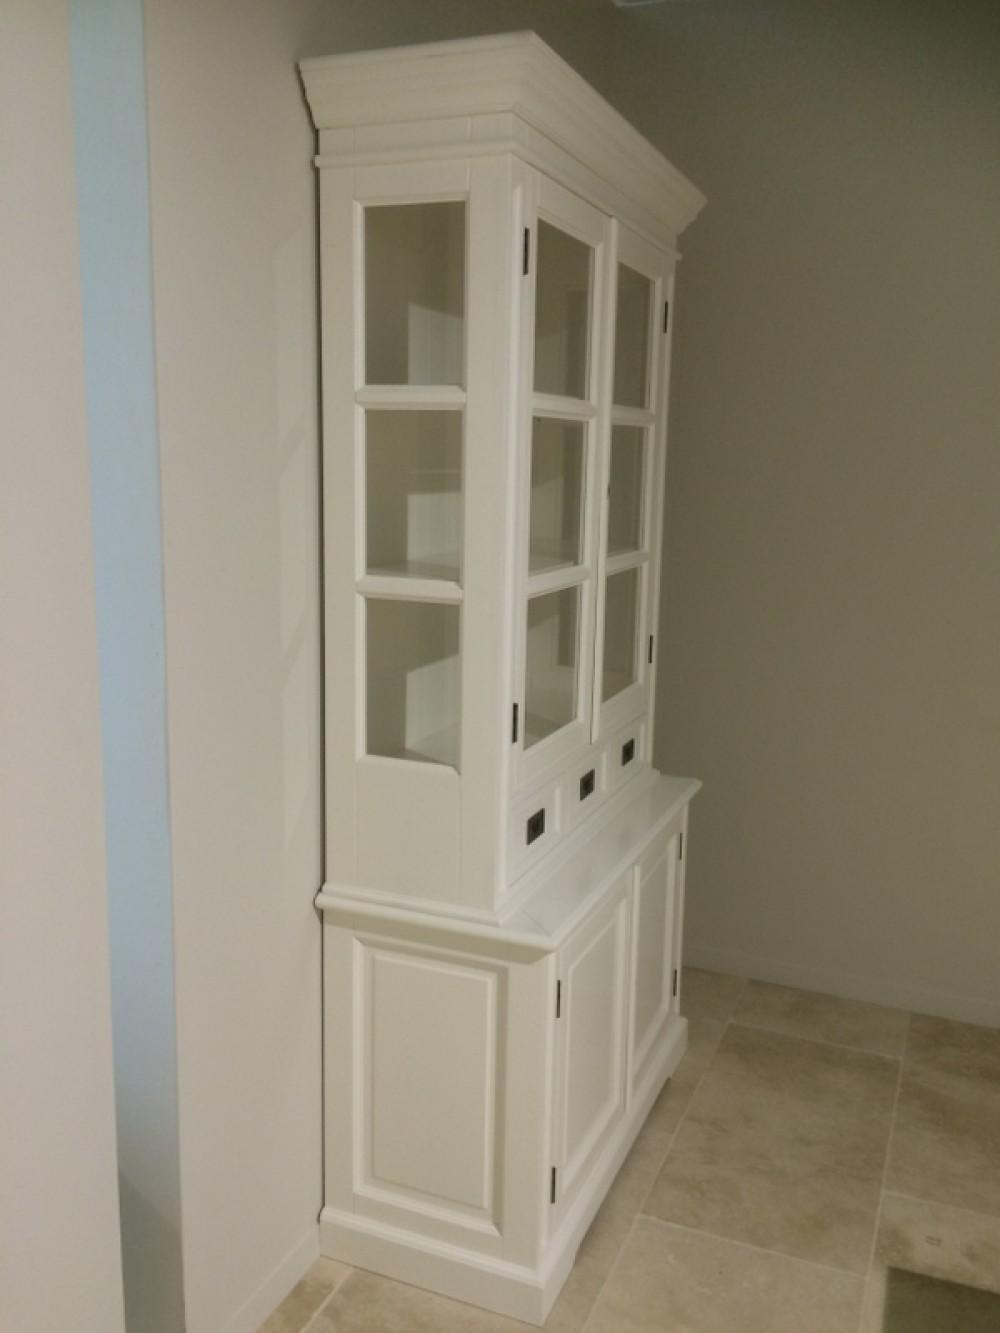 schrank wei vitrine wei landhaus geschirrschrank wei im landhausstil breite 119 cm. Black Bedroom Furniture Sets. Home Design Ideas